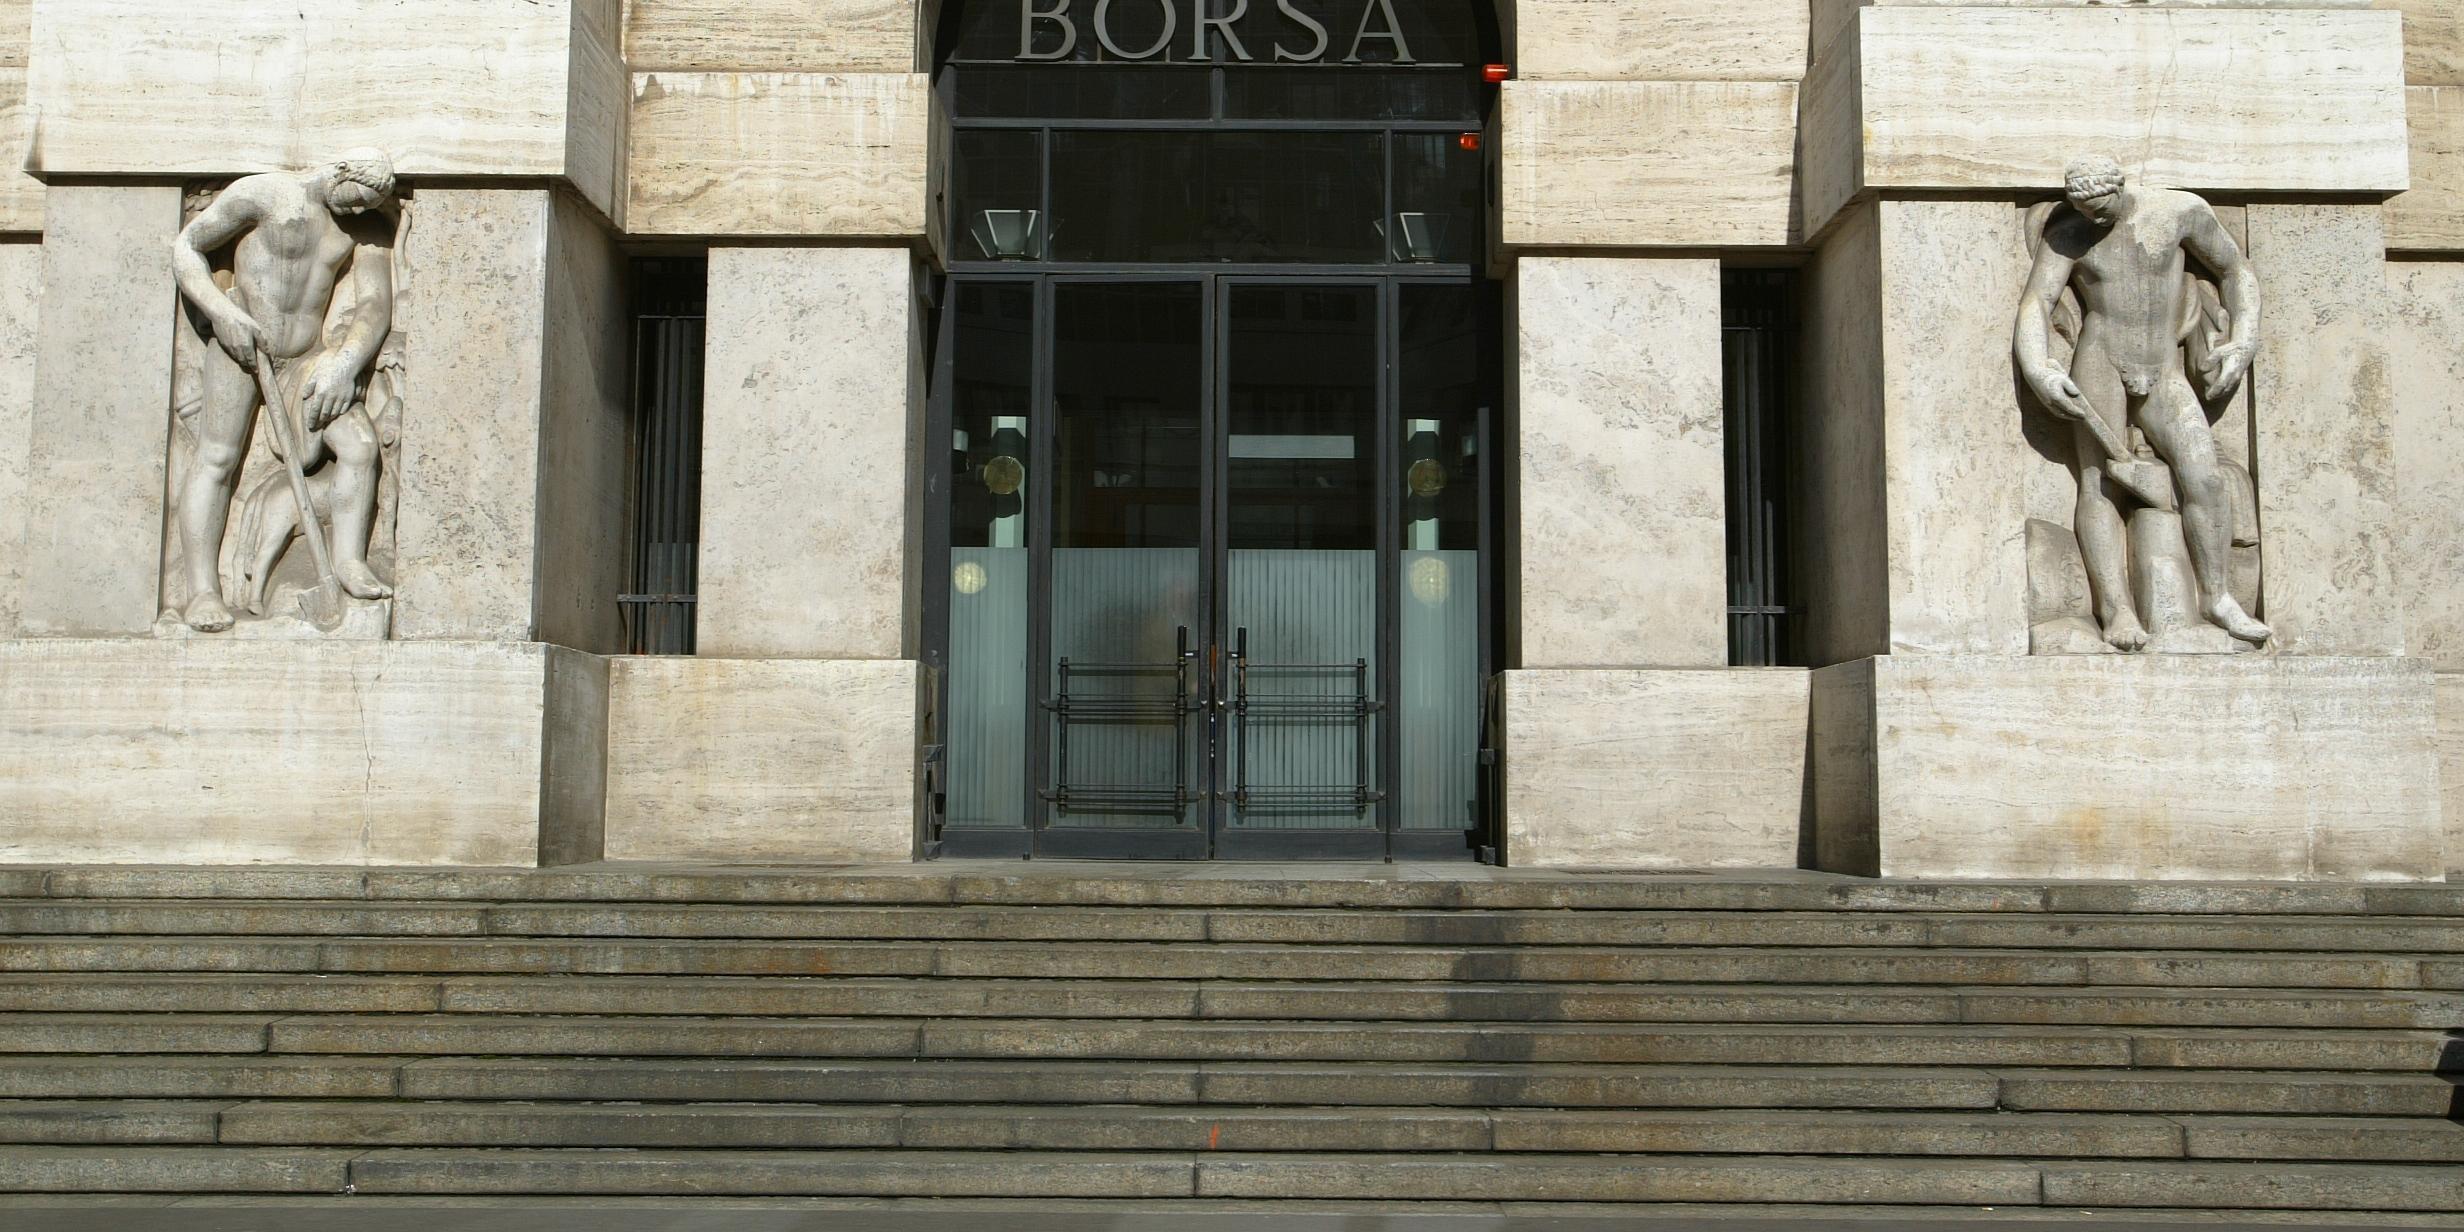 Borsa: Milano migliore Europa con Saipem